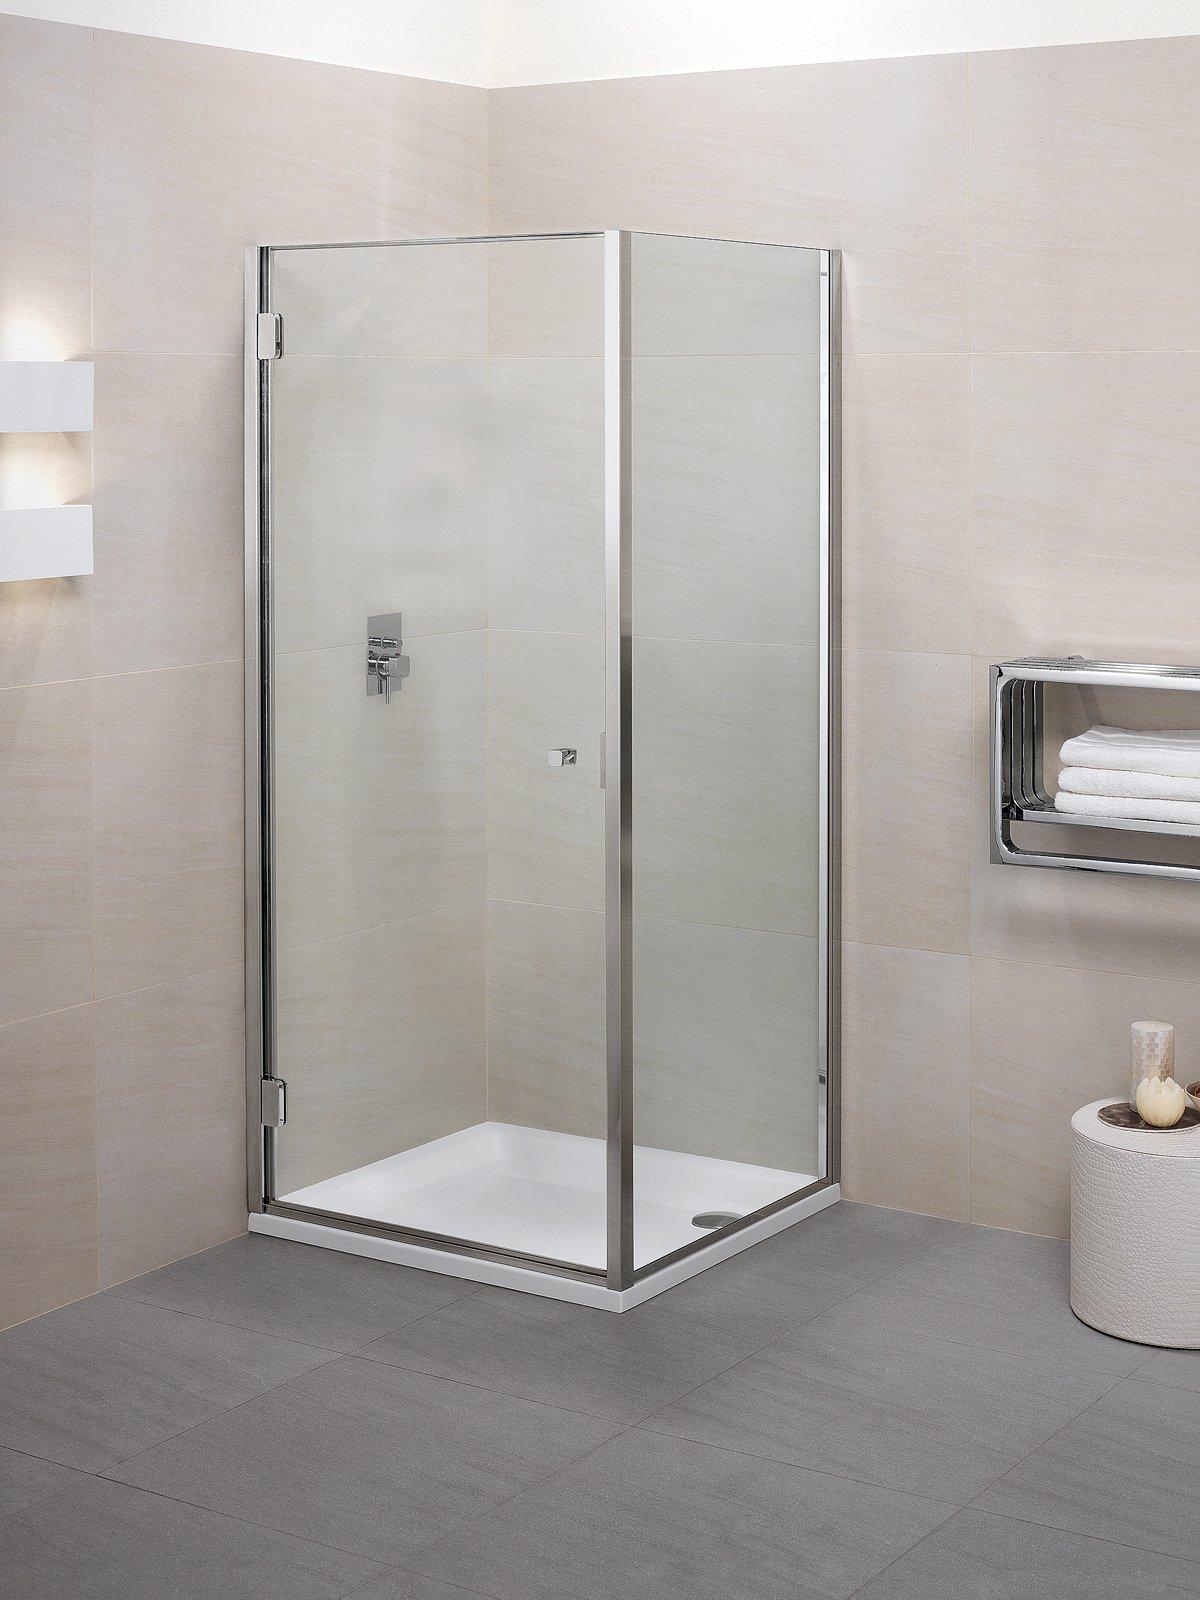 La doccia come scegliere cose di casa for Doccia solare da giardino leroy merlin